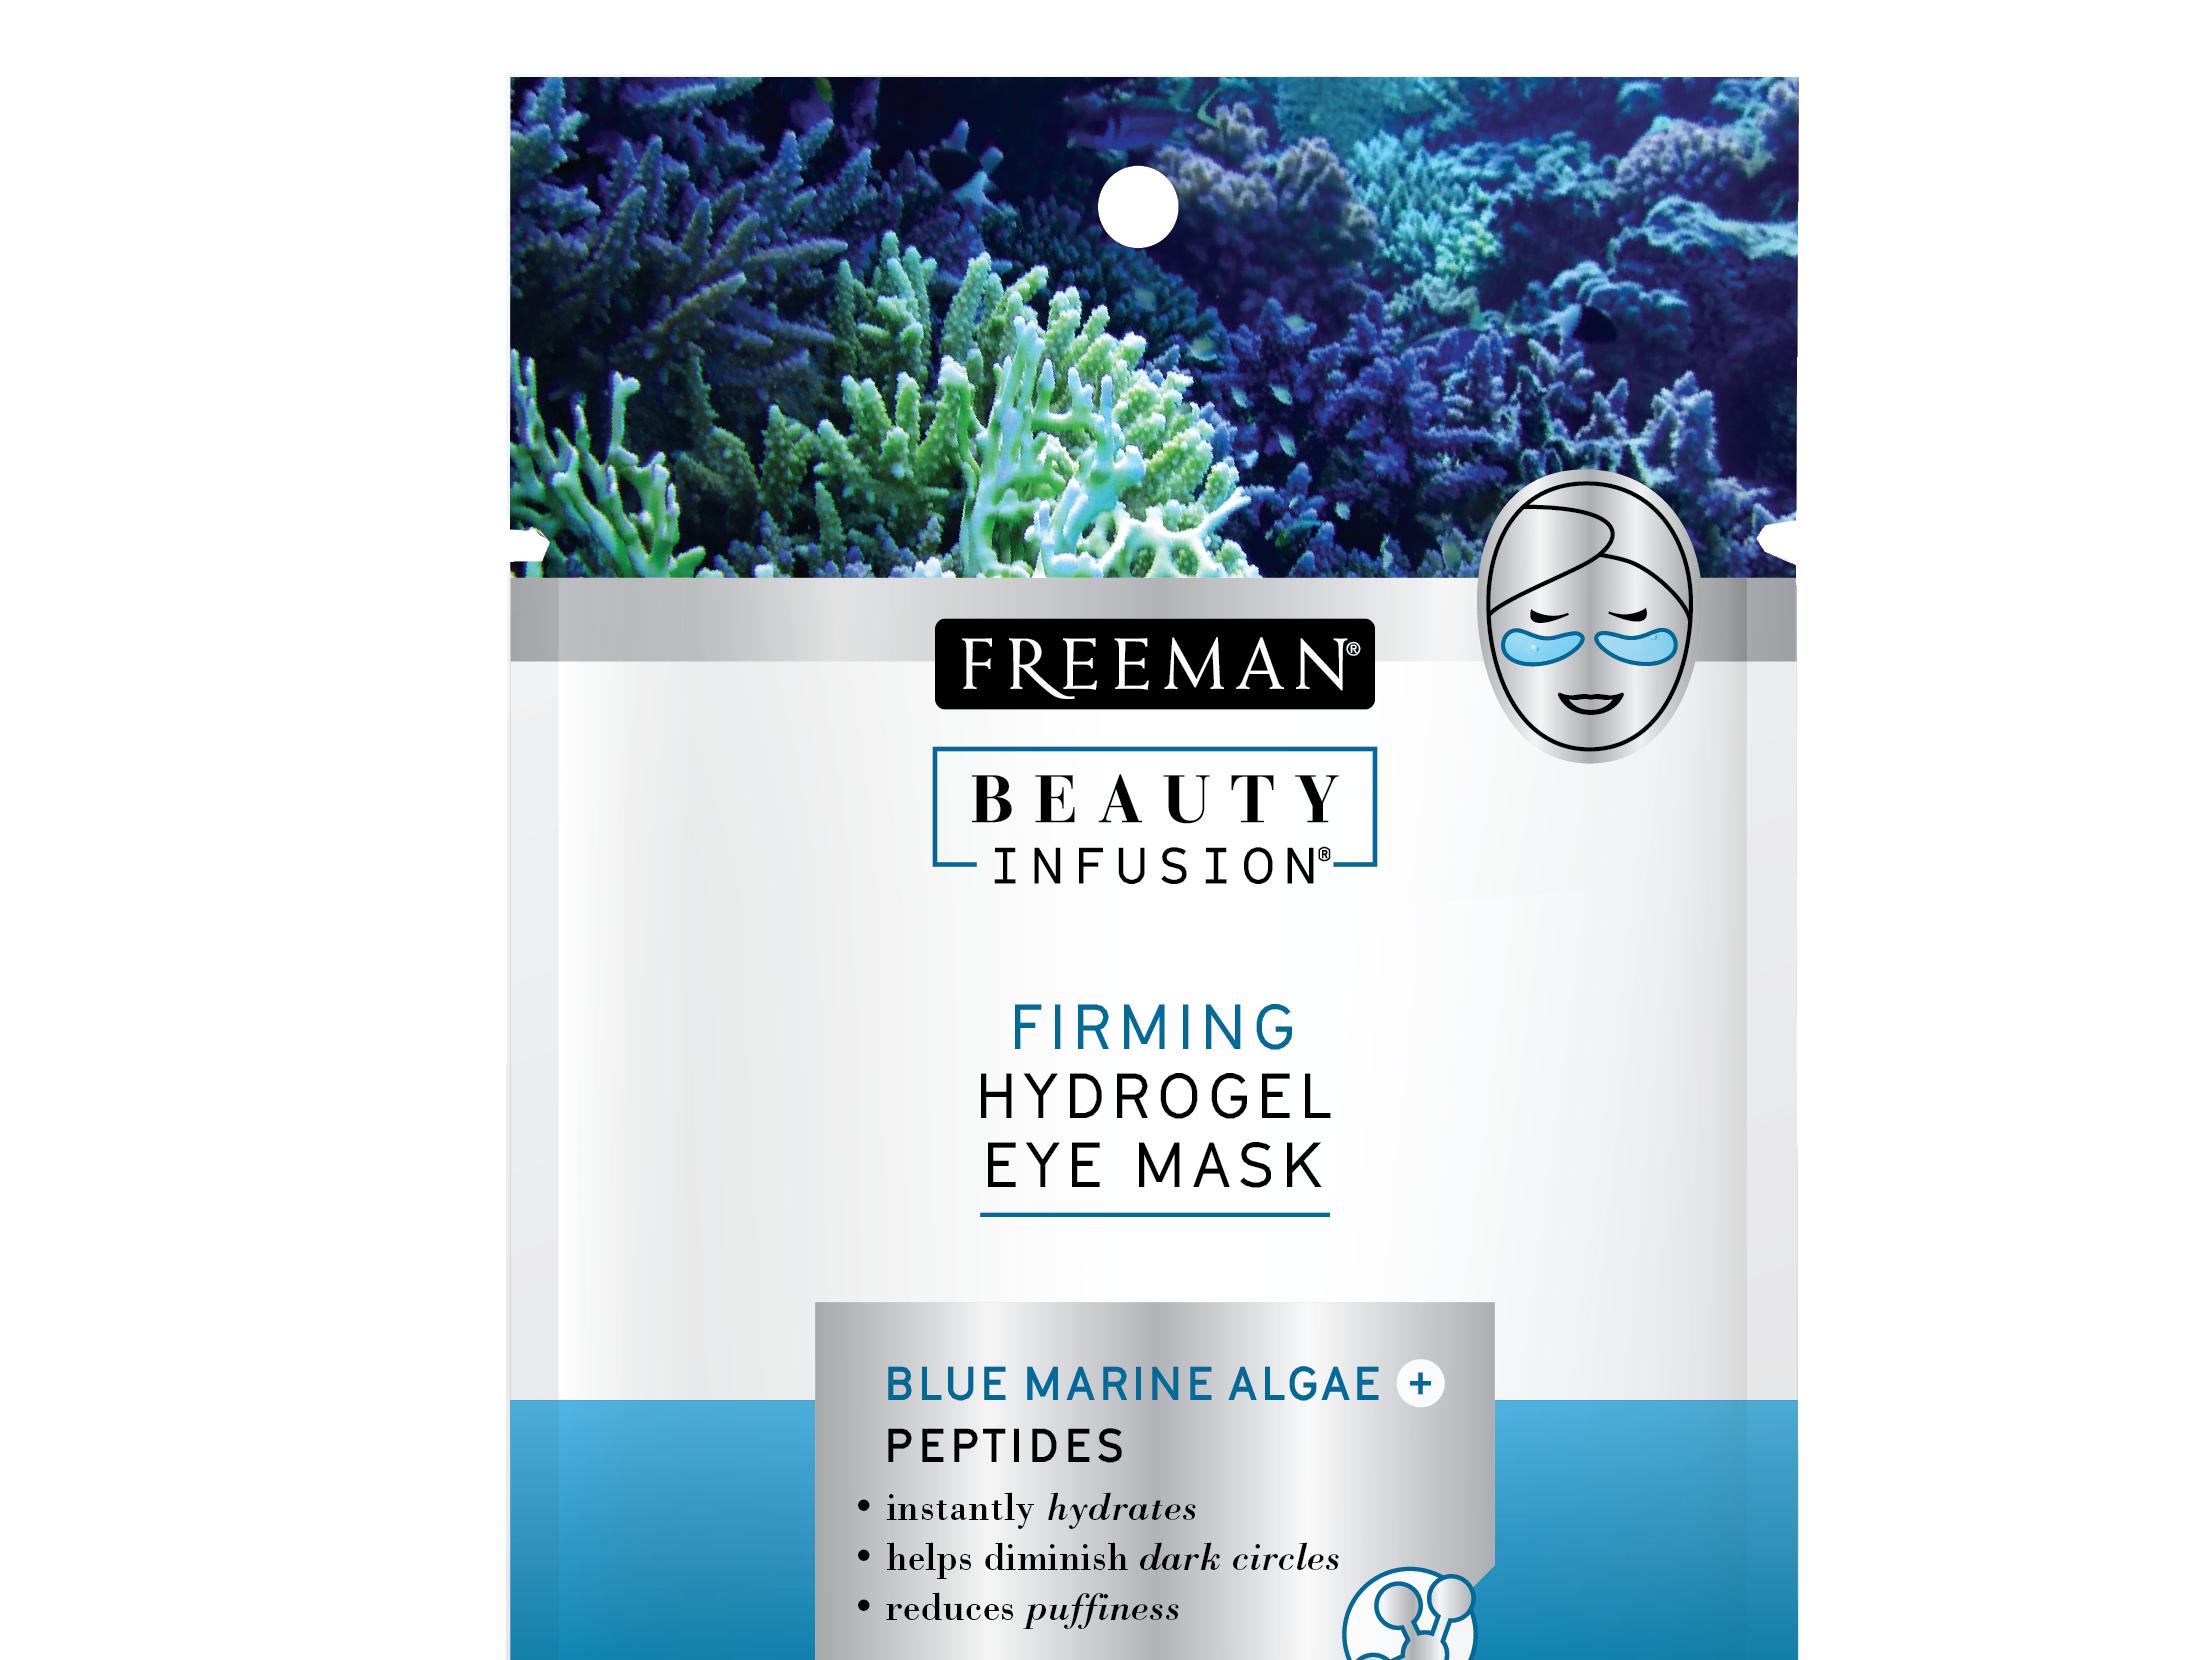 Freeman Firming Hydrogel Eye Mask